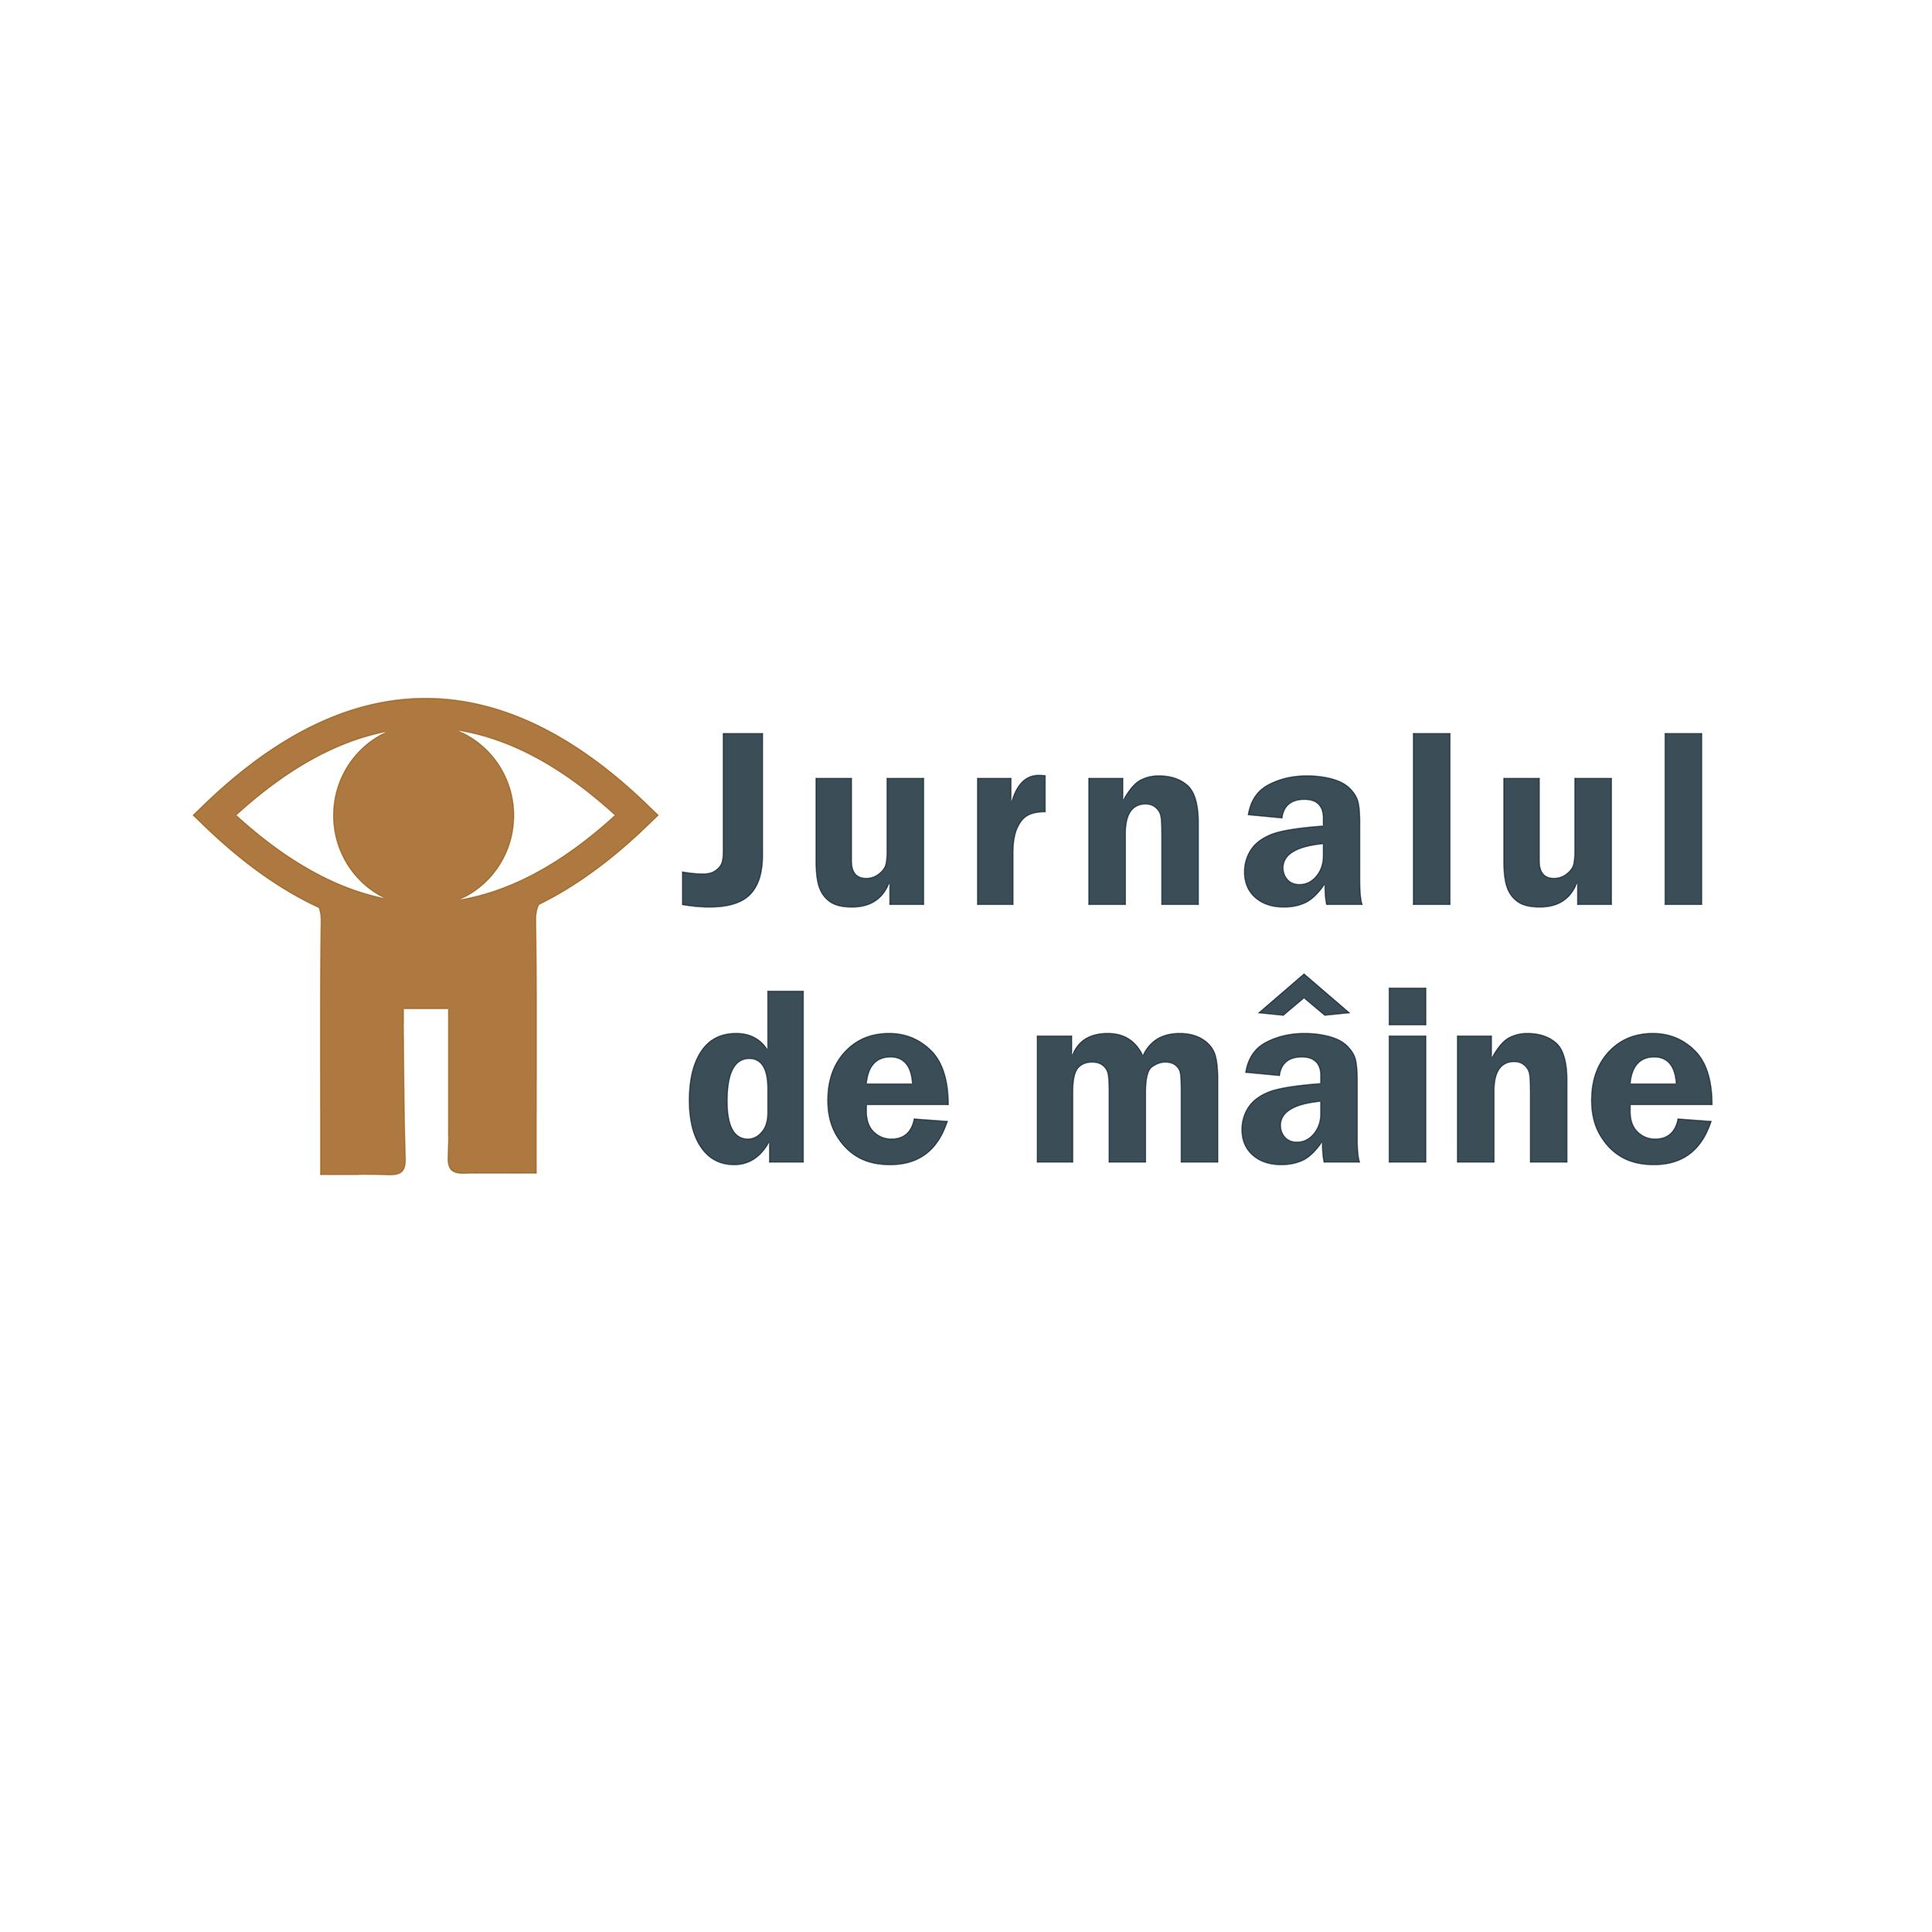 Logo jurnalul de maine